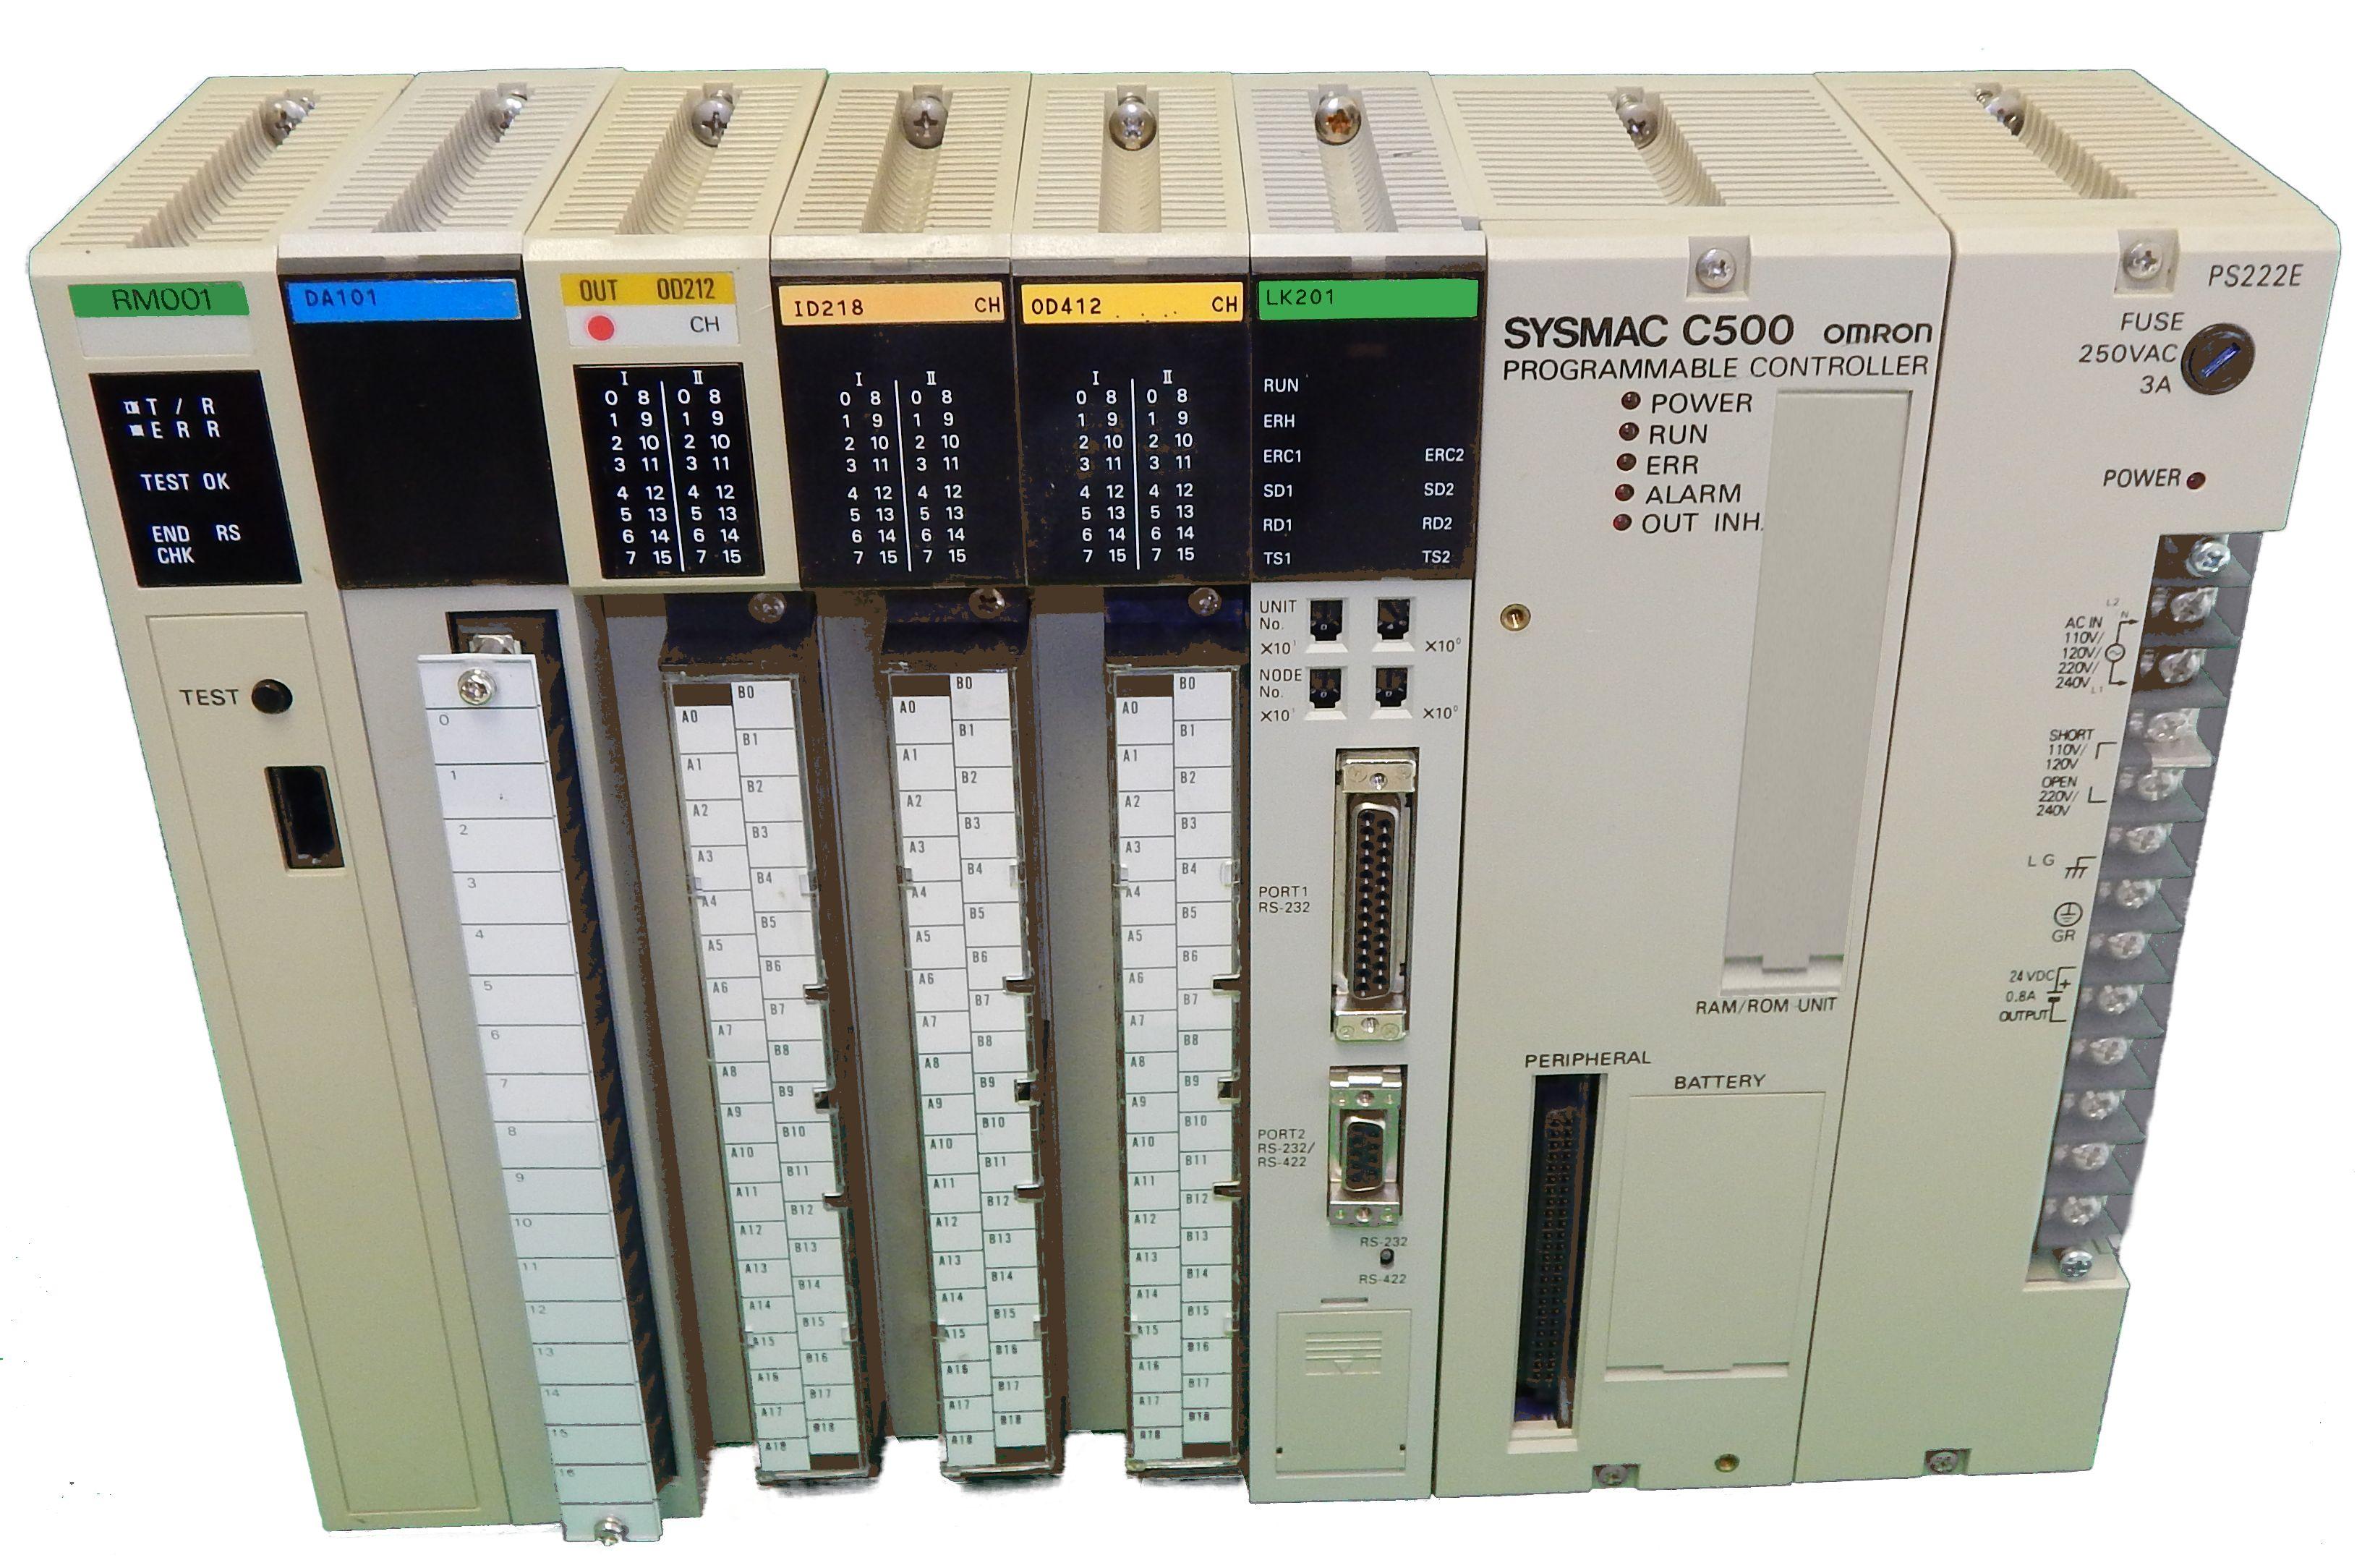 3G2A9-AL006-PE